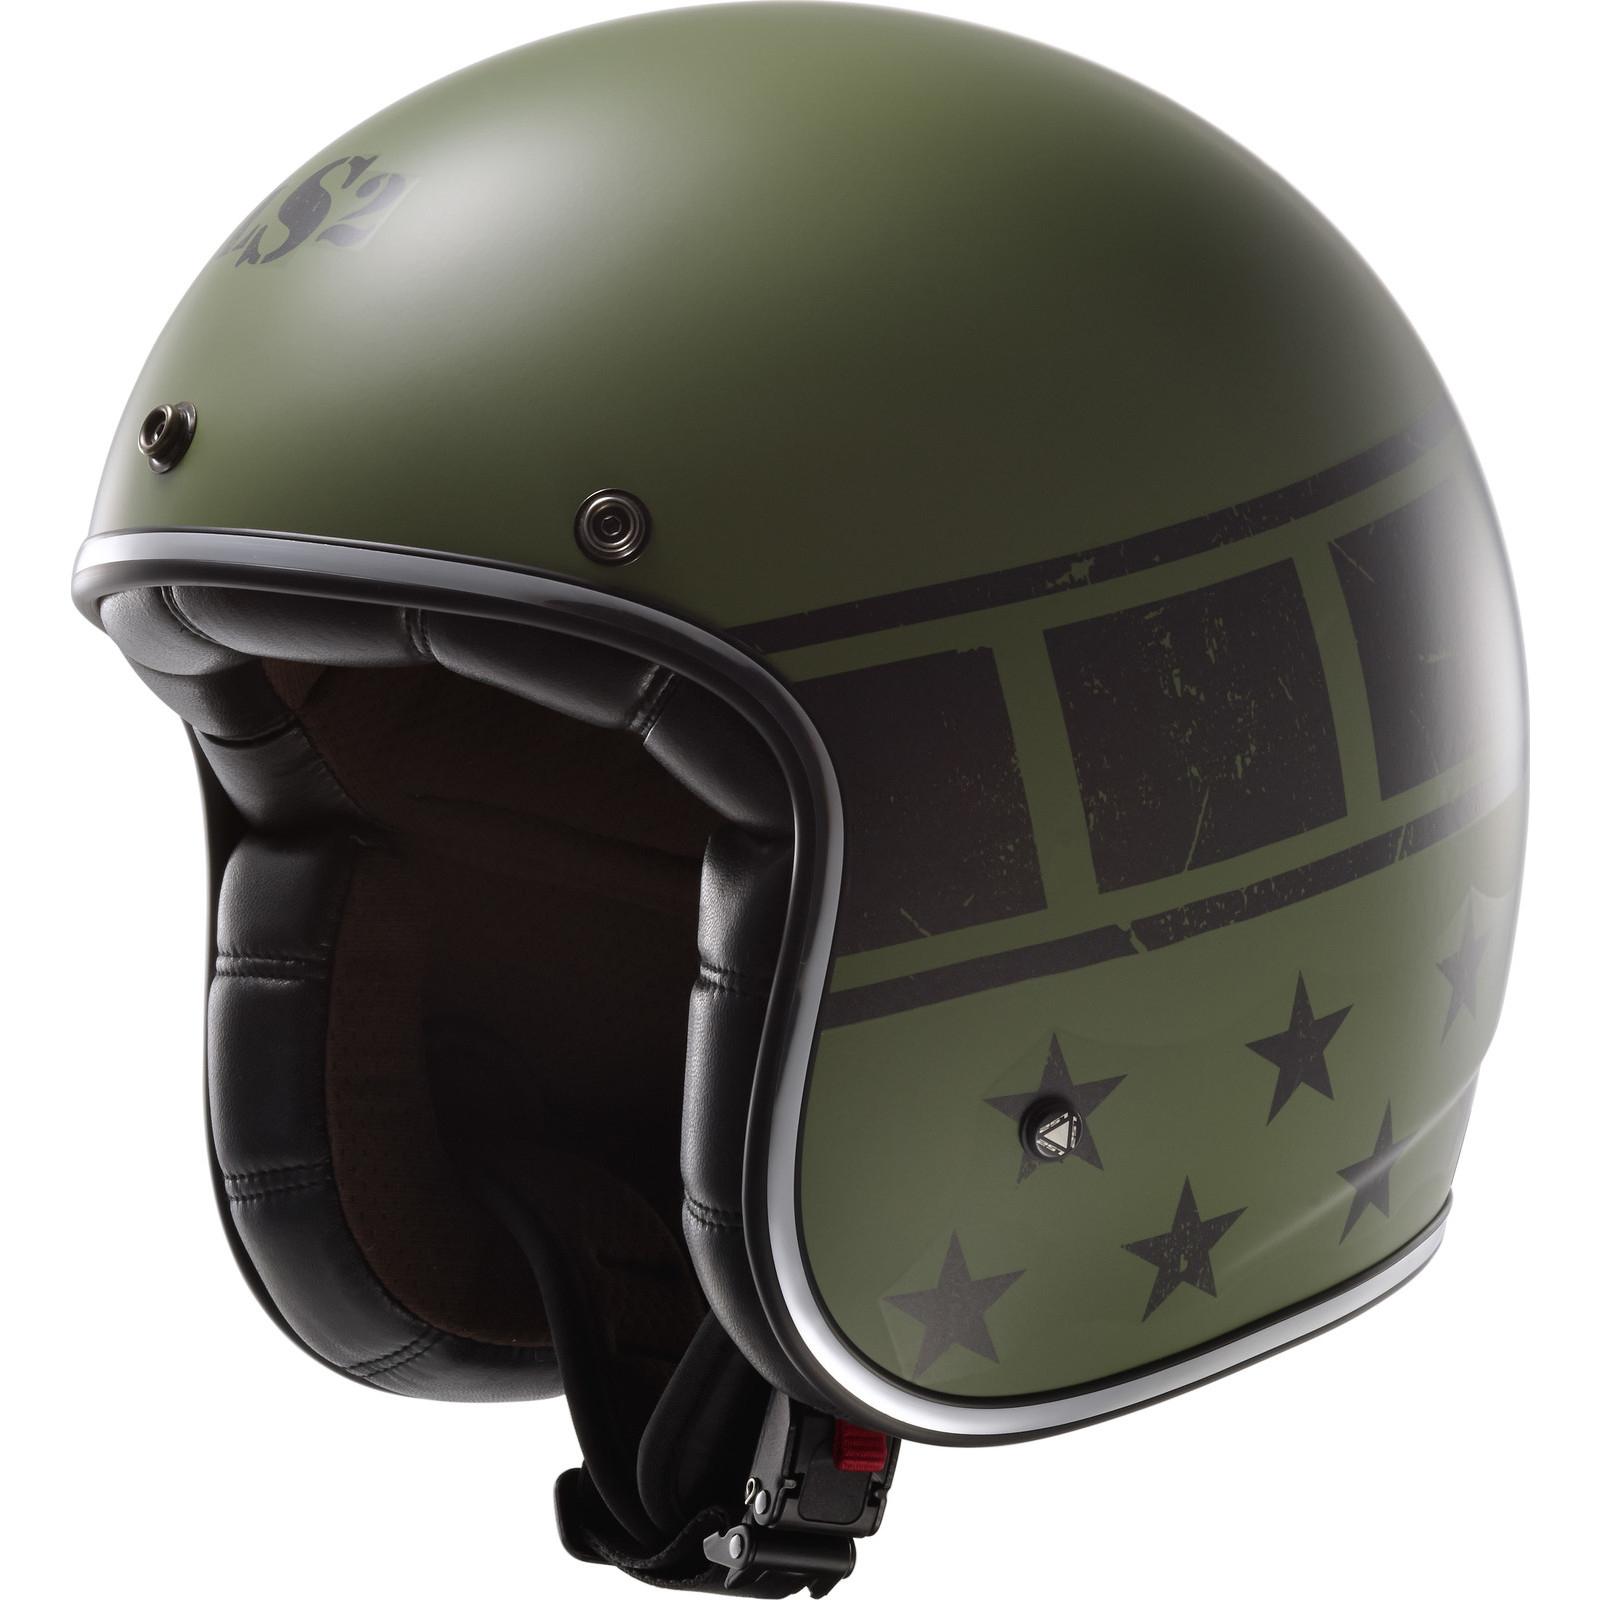 LS2 OF583 Bobber Kurt Matt Military Green Open Face